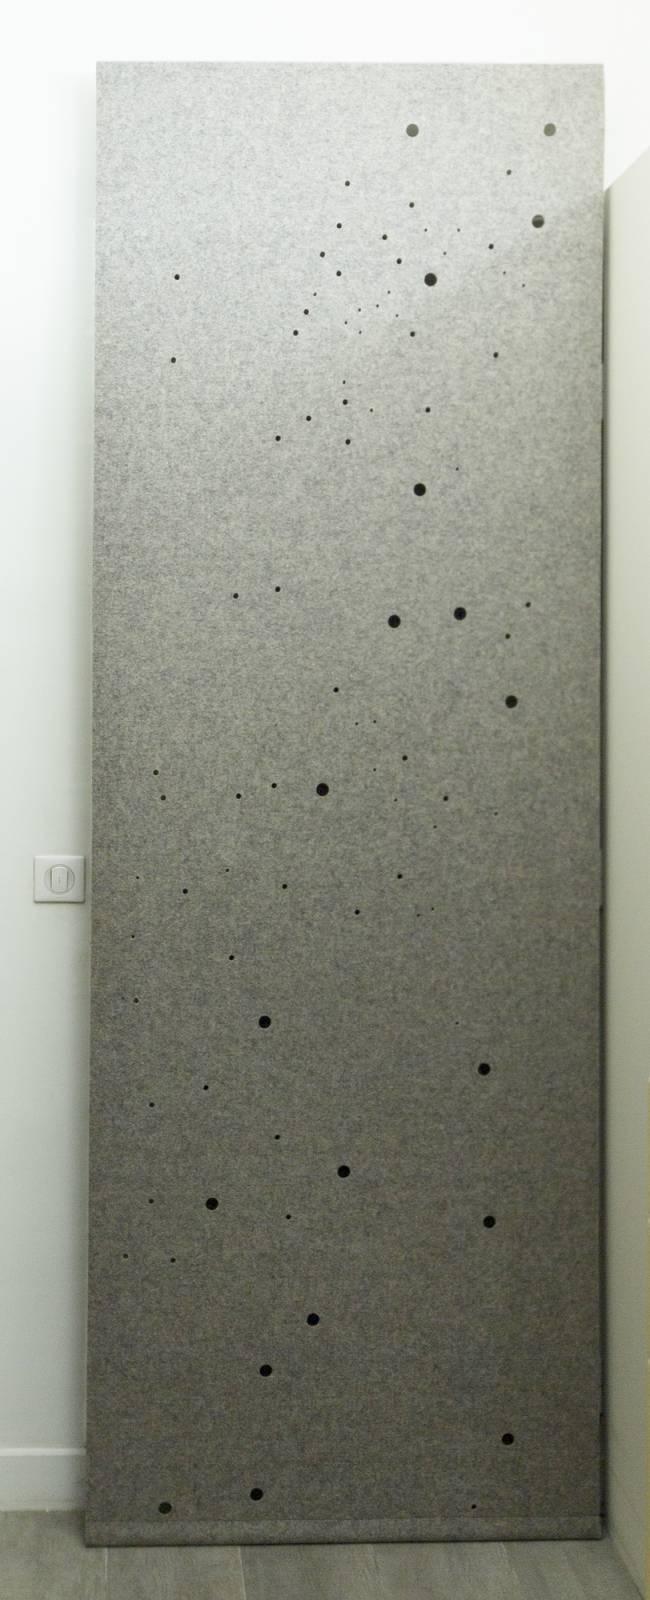 """Panneaux japonais acoustiques """"Voie lactée"""" - exemple de réalisation 2"""